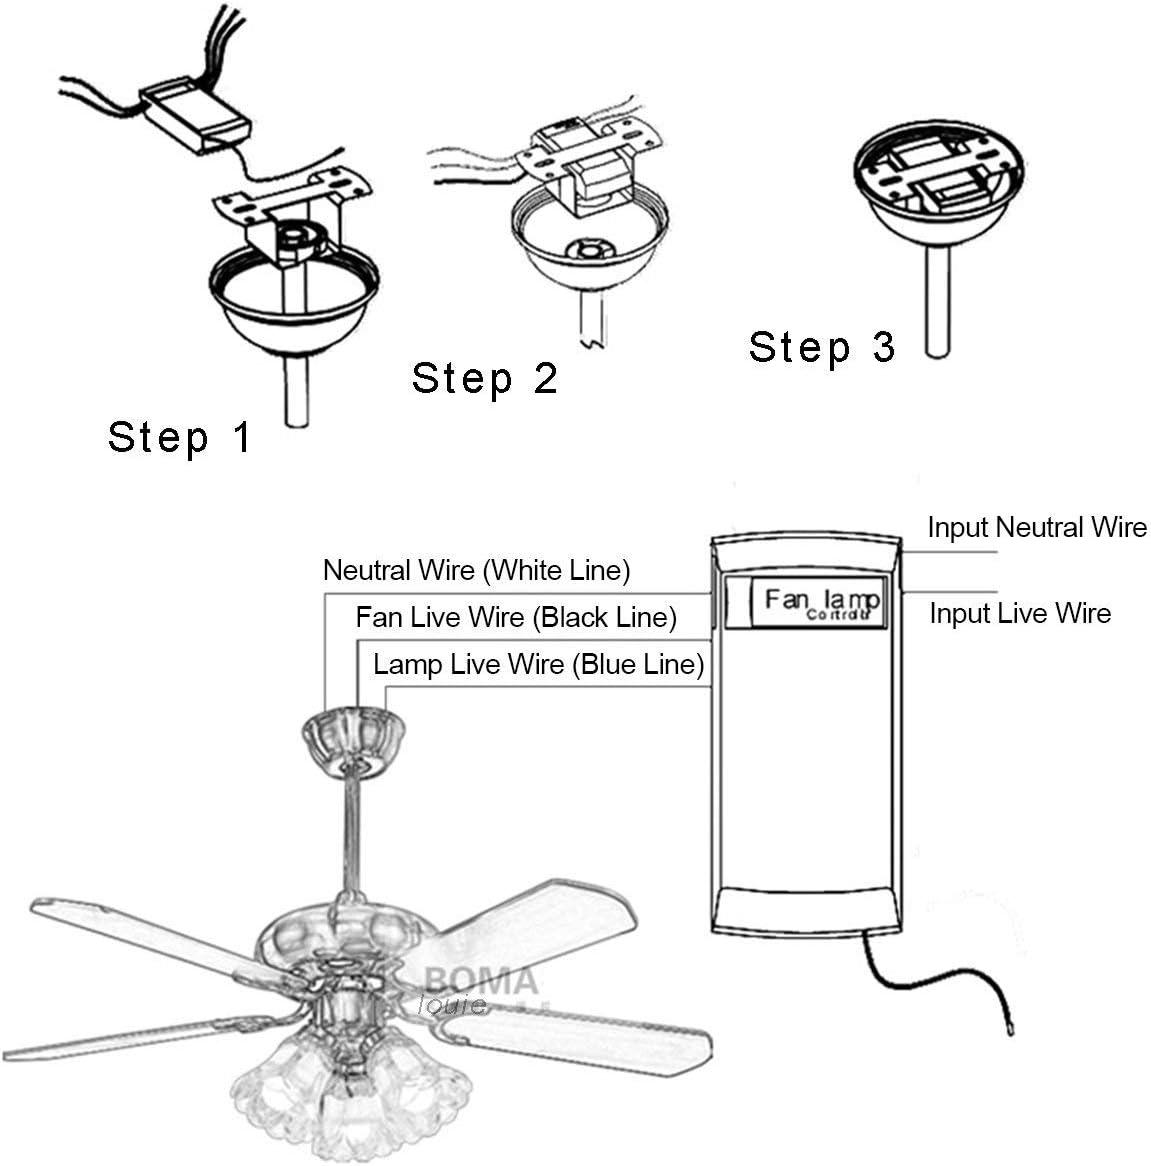 Accueil // bureau // h/ôtel // club // salle dexposition // restaurant B PECHAM T/él/écommande pour ventilateur de plafond infra-rouge avec t/él/écommande sans fil